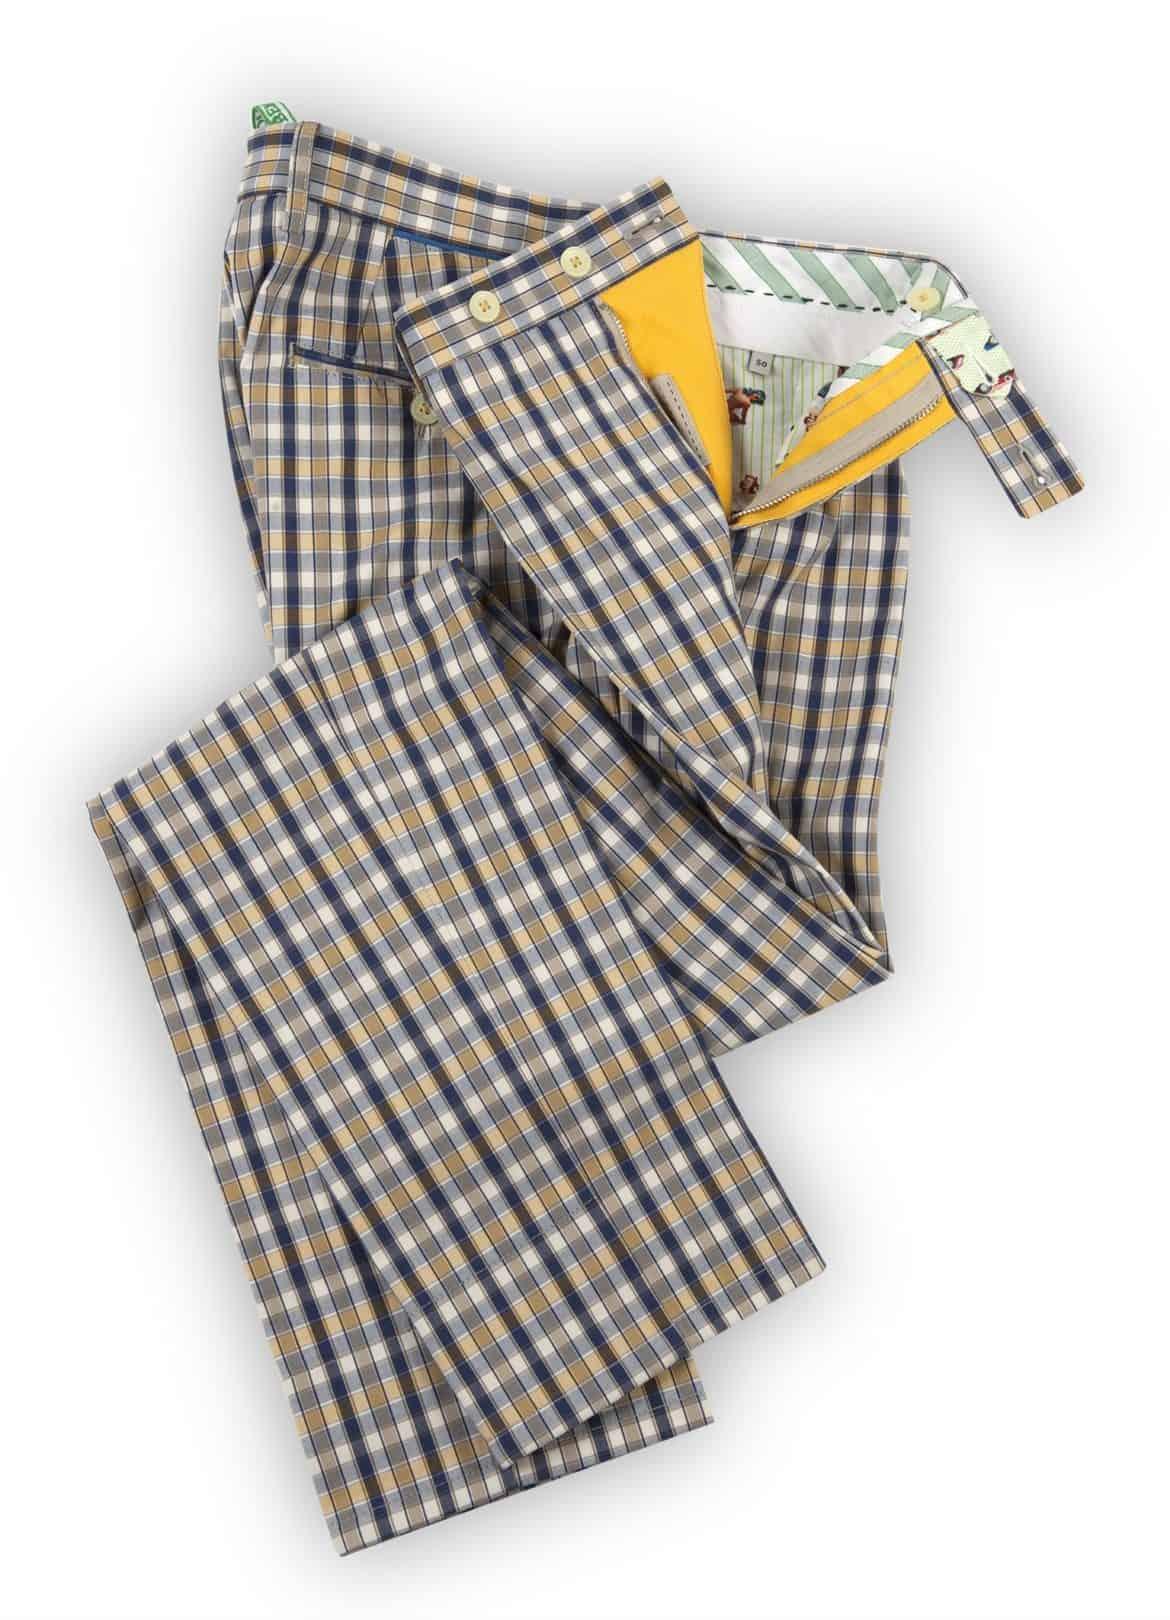 Per la primavera/estate 2014 pantaloni informali firmati Berwich